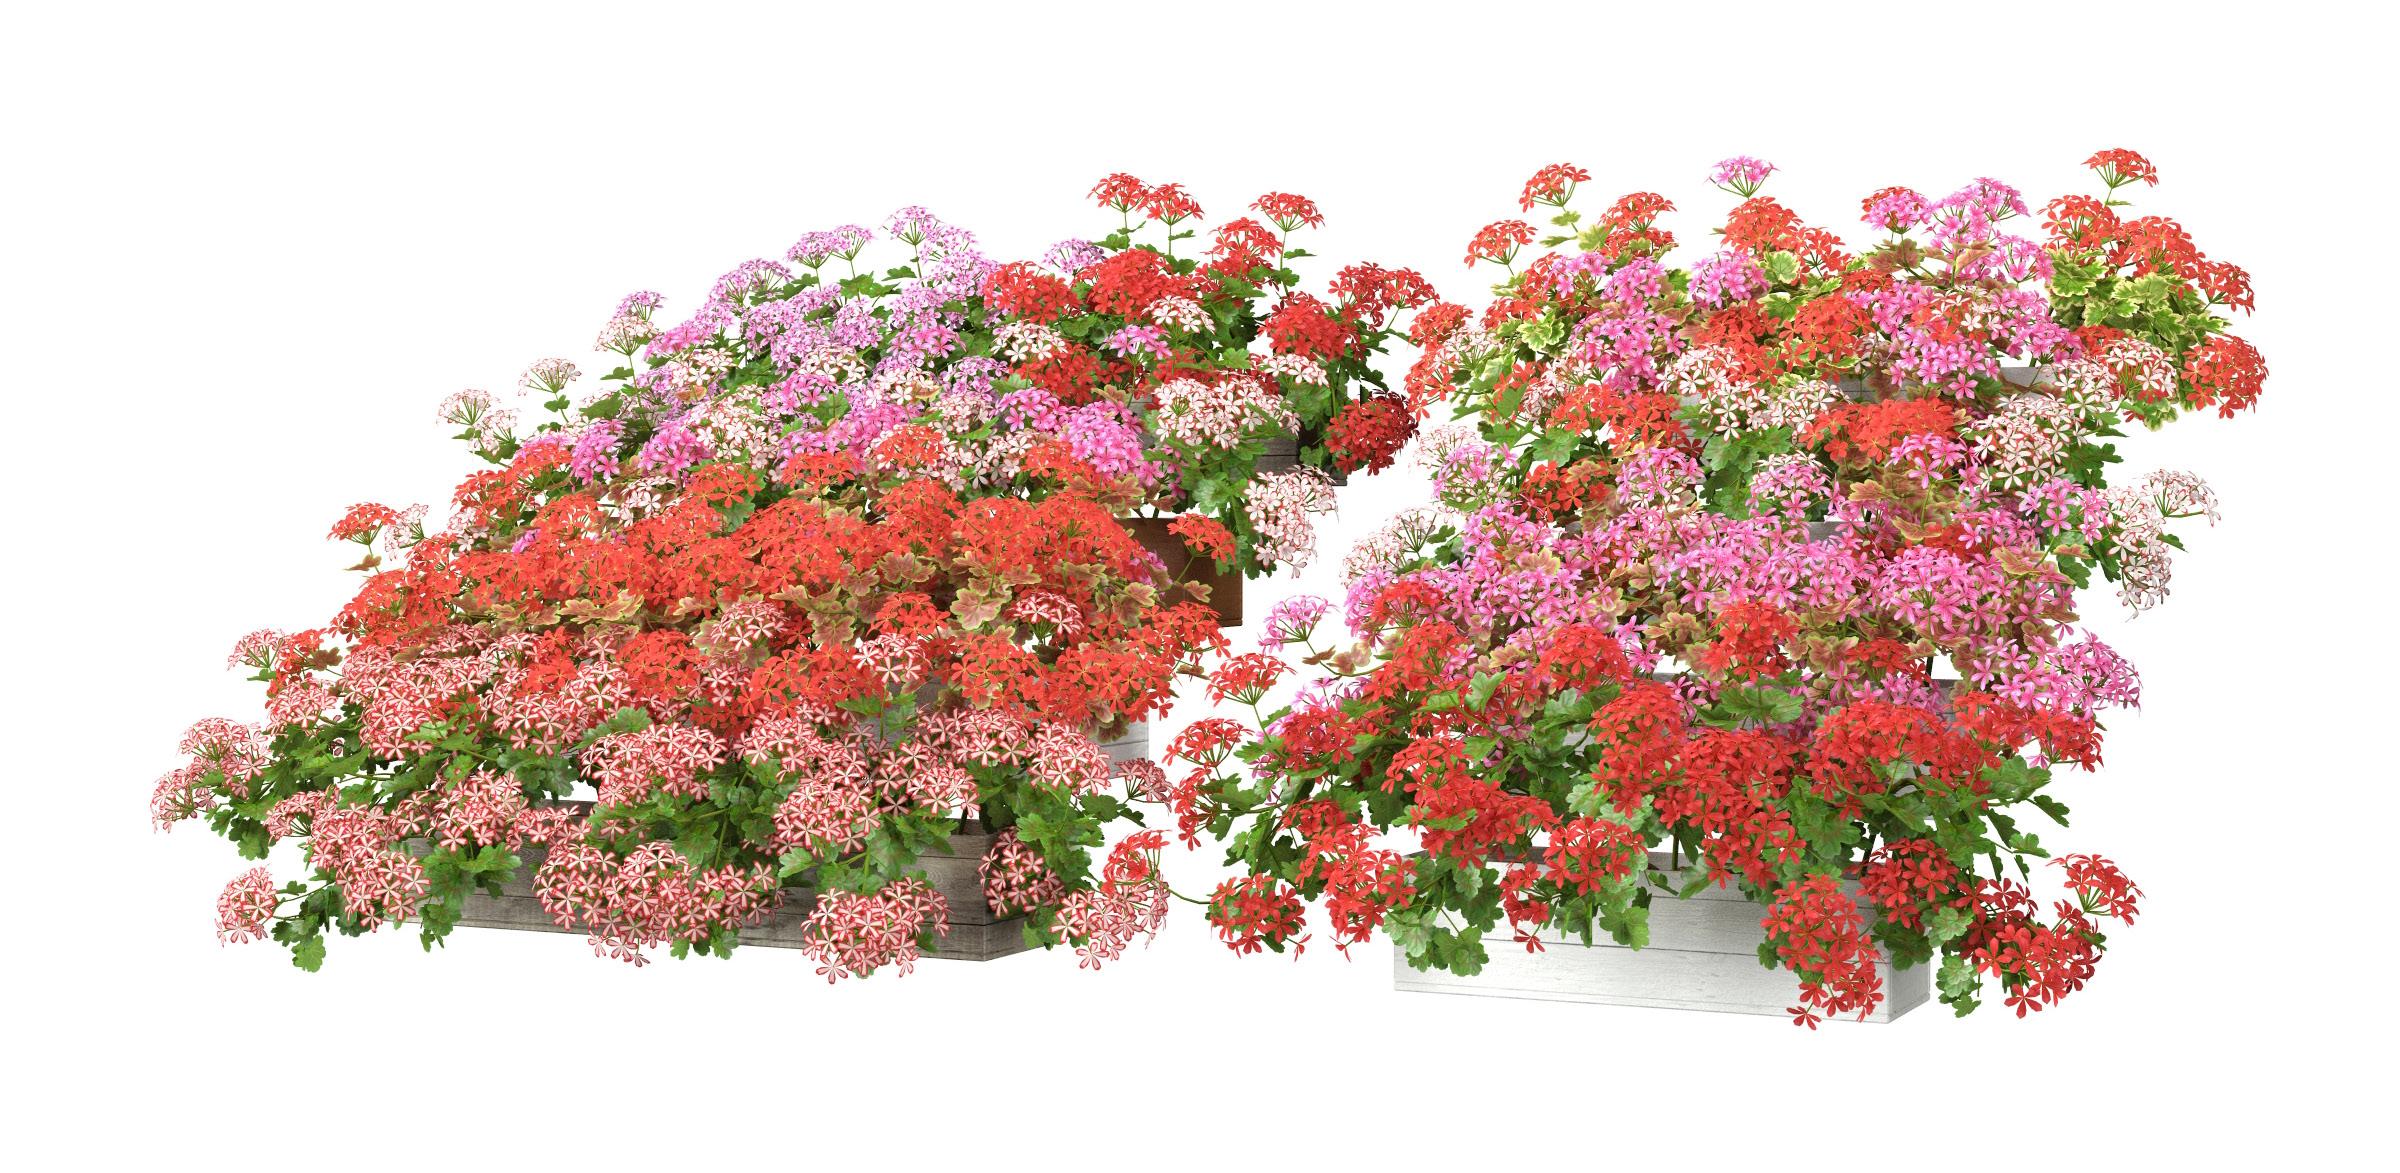 RANDOM MODELS – PRO MODELS 325 – FLOWER MODELS